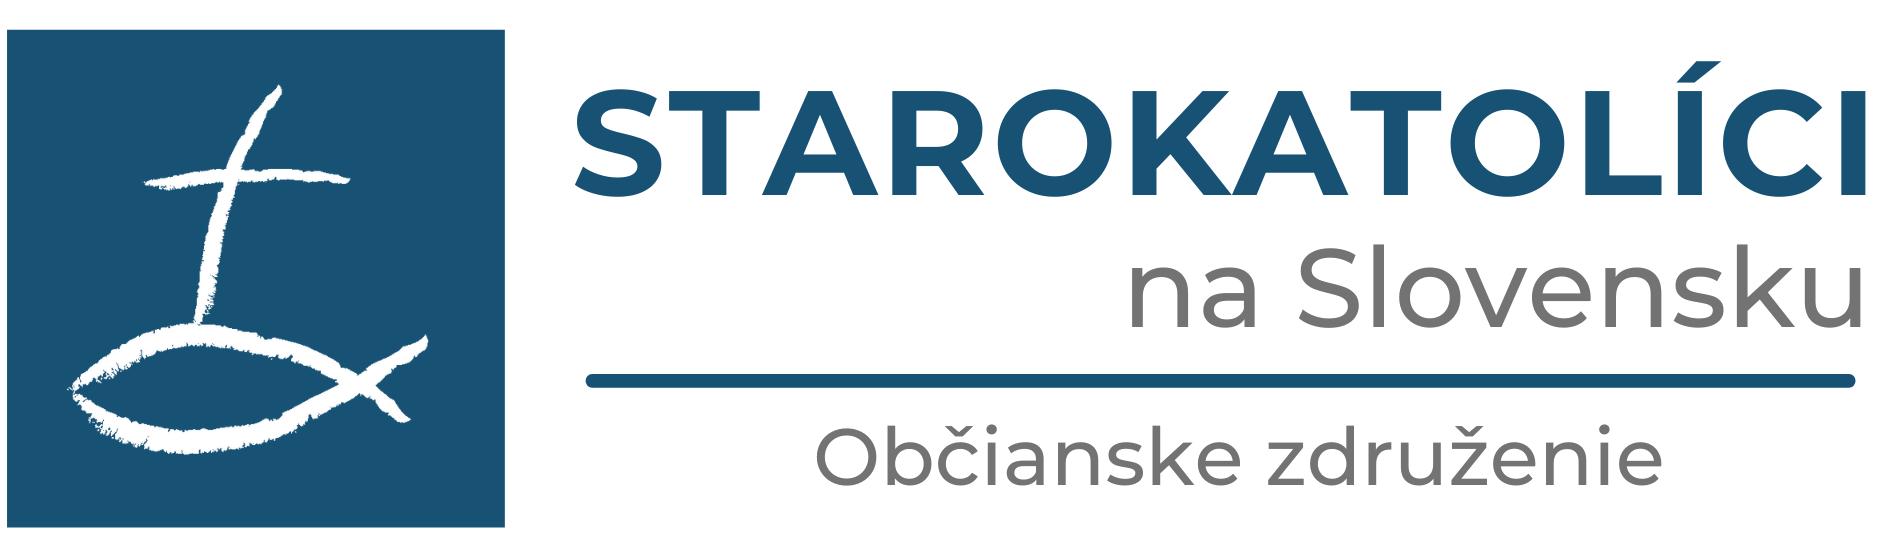 Starokatolíci na Slovensku | Občianske združenie